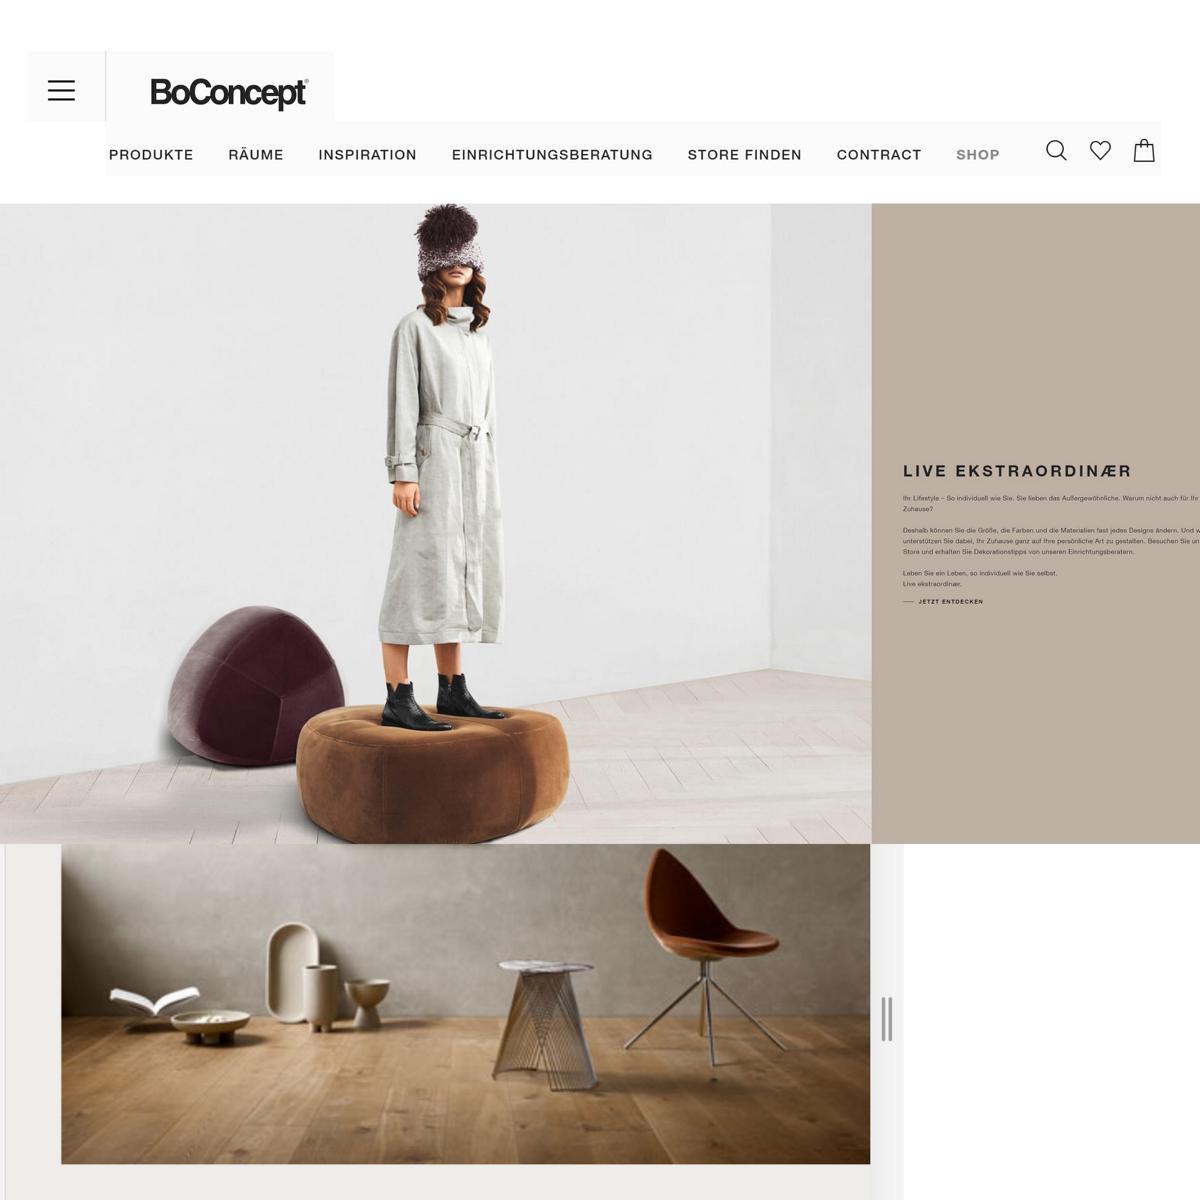 style hannover boconcept hannover ONline shop B - BoConcept - ONLINE Shop